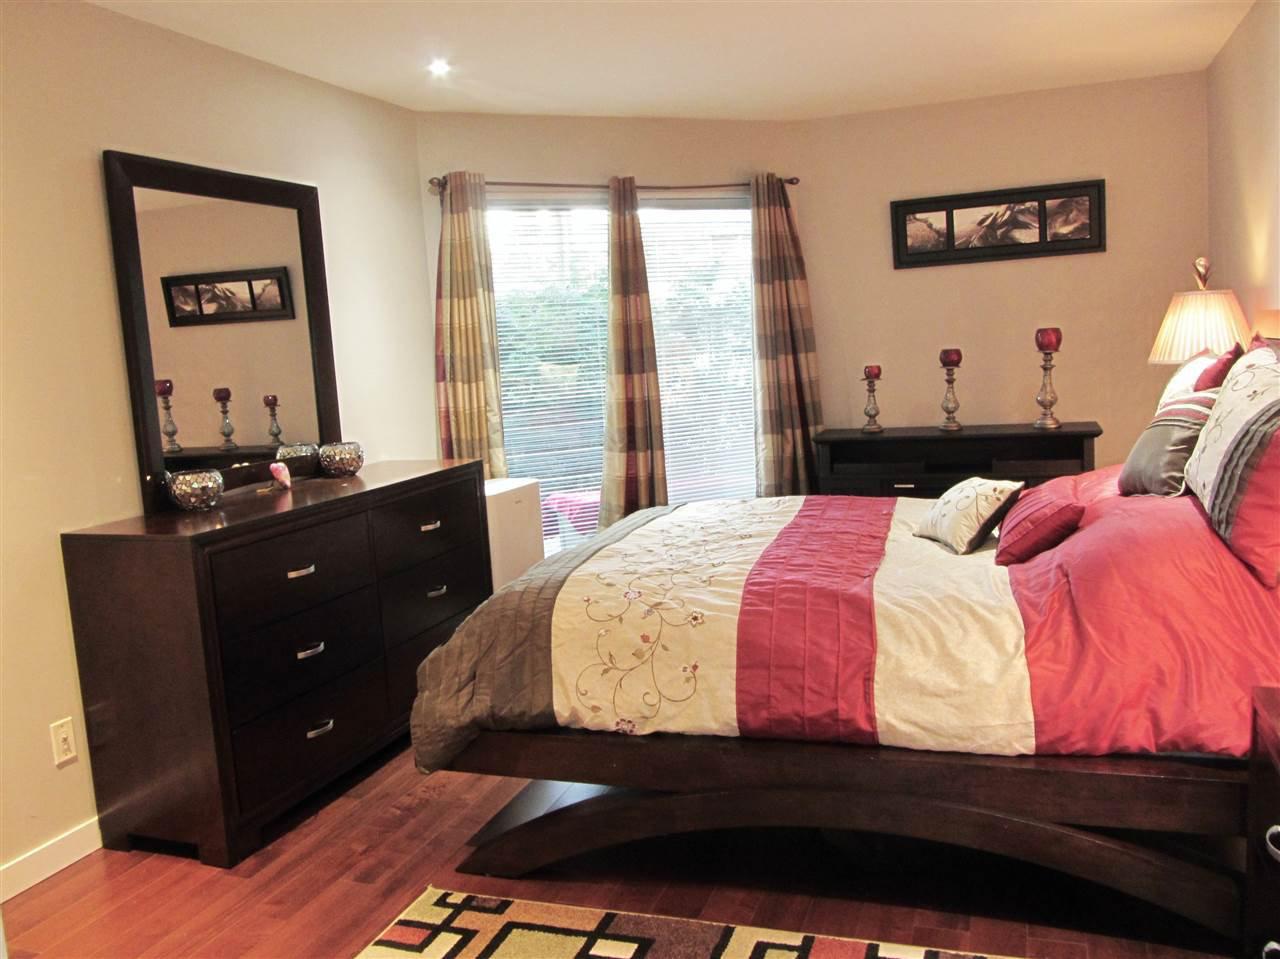 Photo 10: Photos: 114 15110 108 Avenue in Surrey: Bolivar Heights Condo for sale (North Surrey)  : MLS®# R2239803